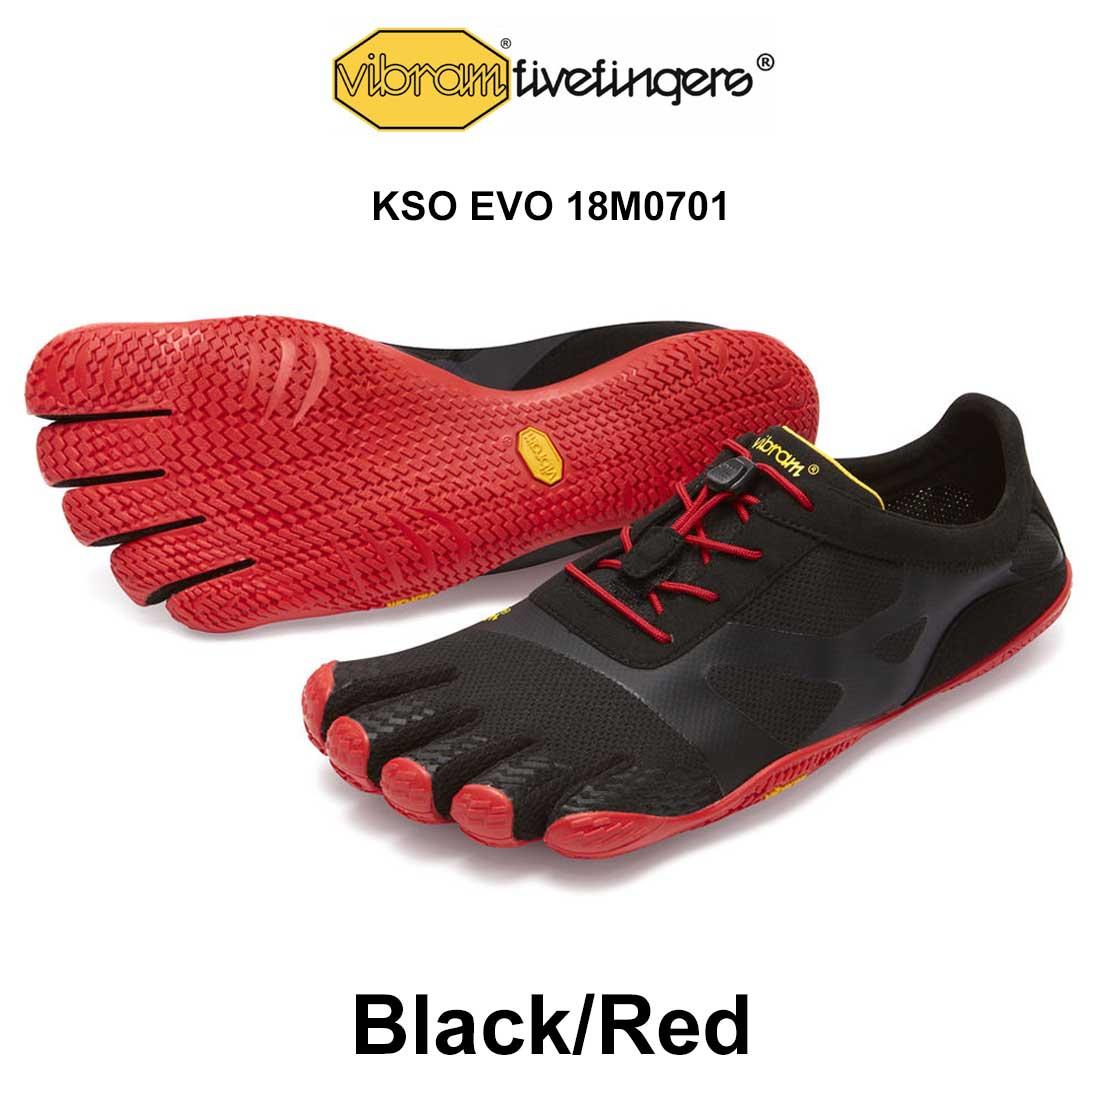 送料無料 登山 ランニング ウォーキングに最適 Vibram FiveFingers(ビブラムファイブフィンガーズ)メンズ 五本指 シューズ KSO EVO 18M0701